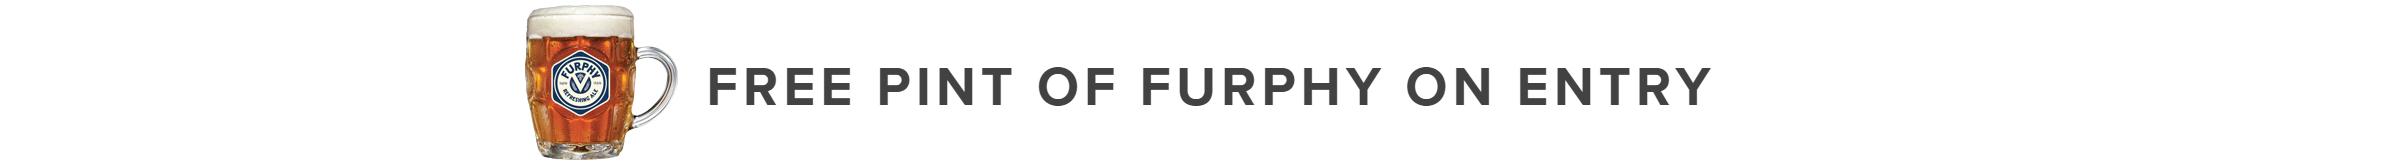 Furphy Free Pint.jpg